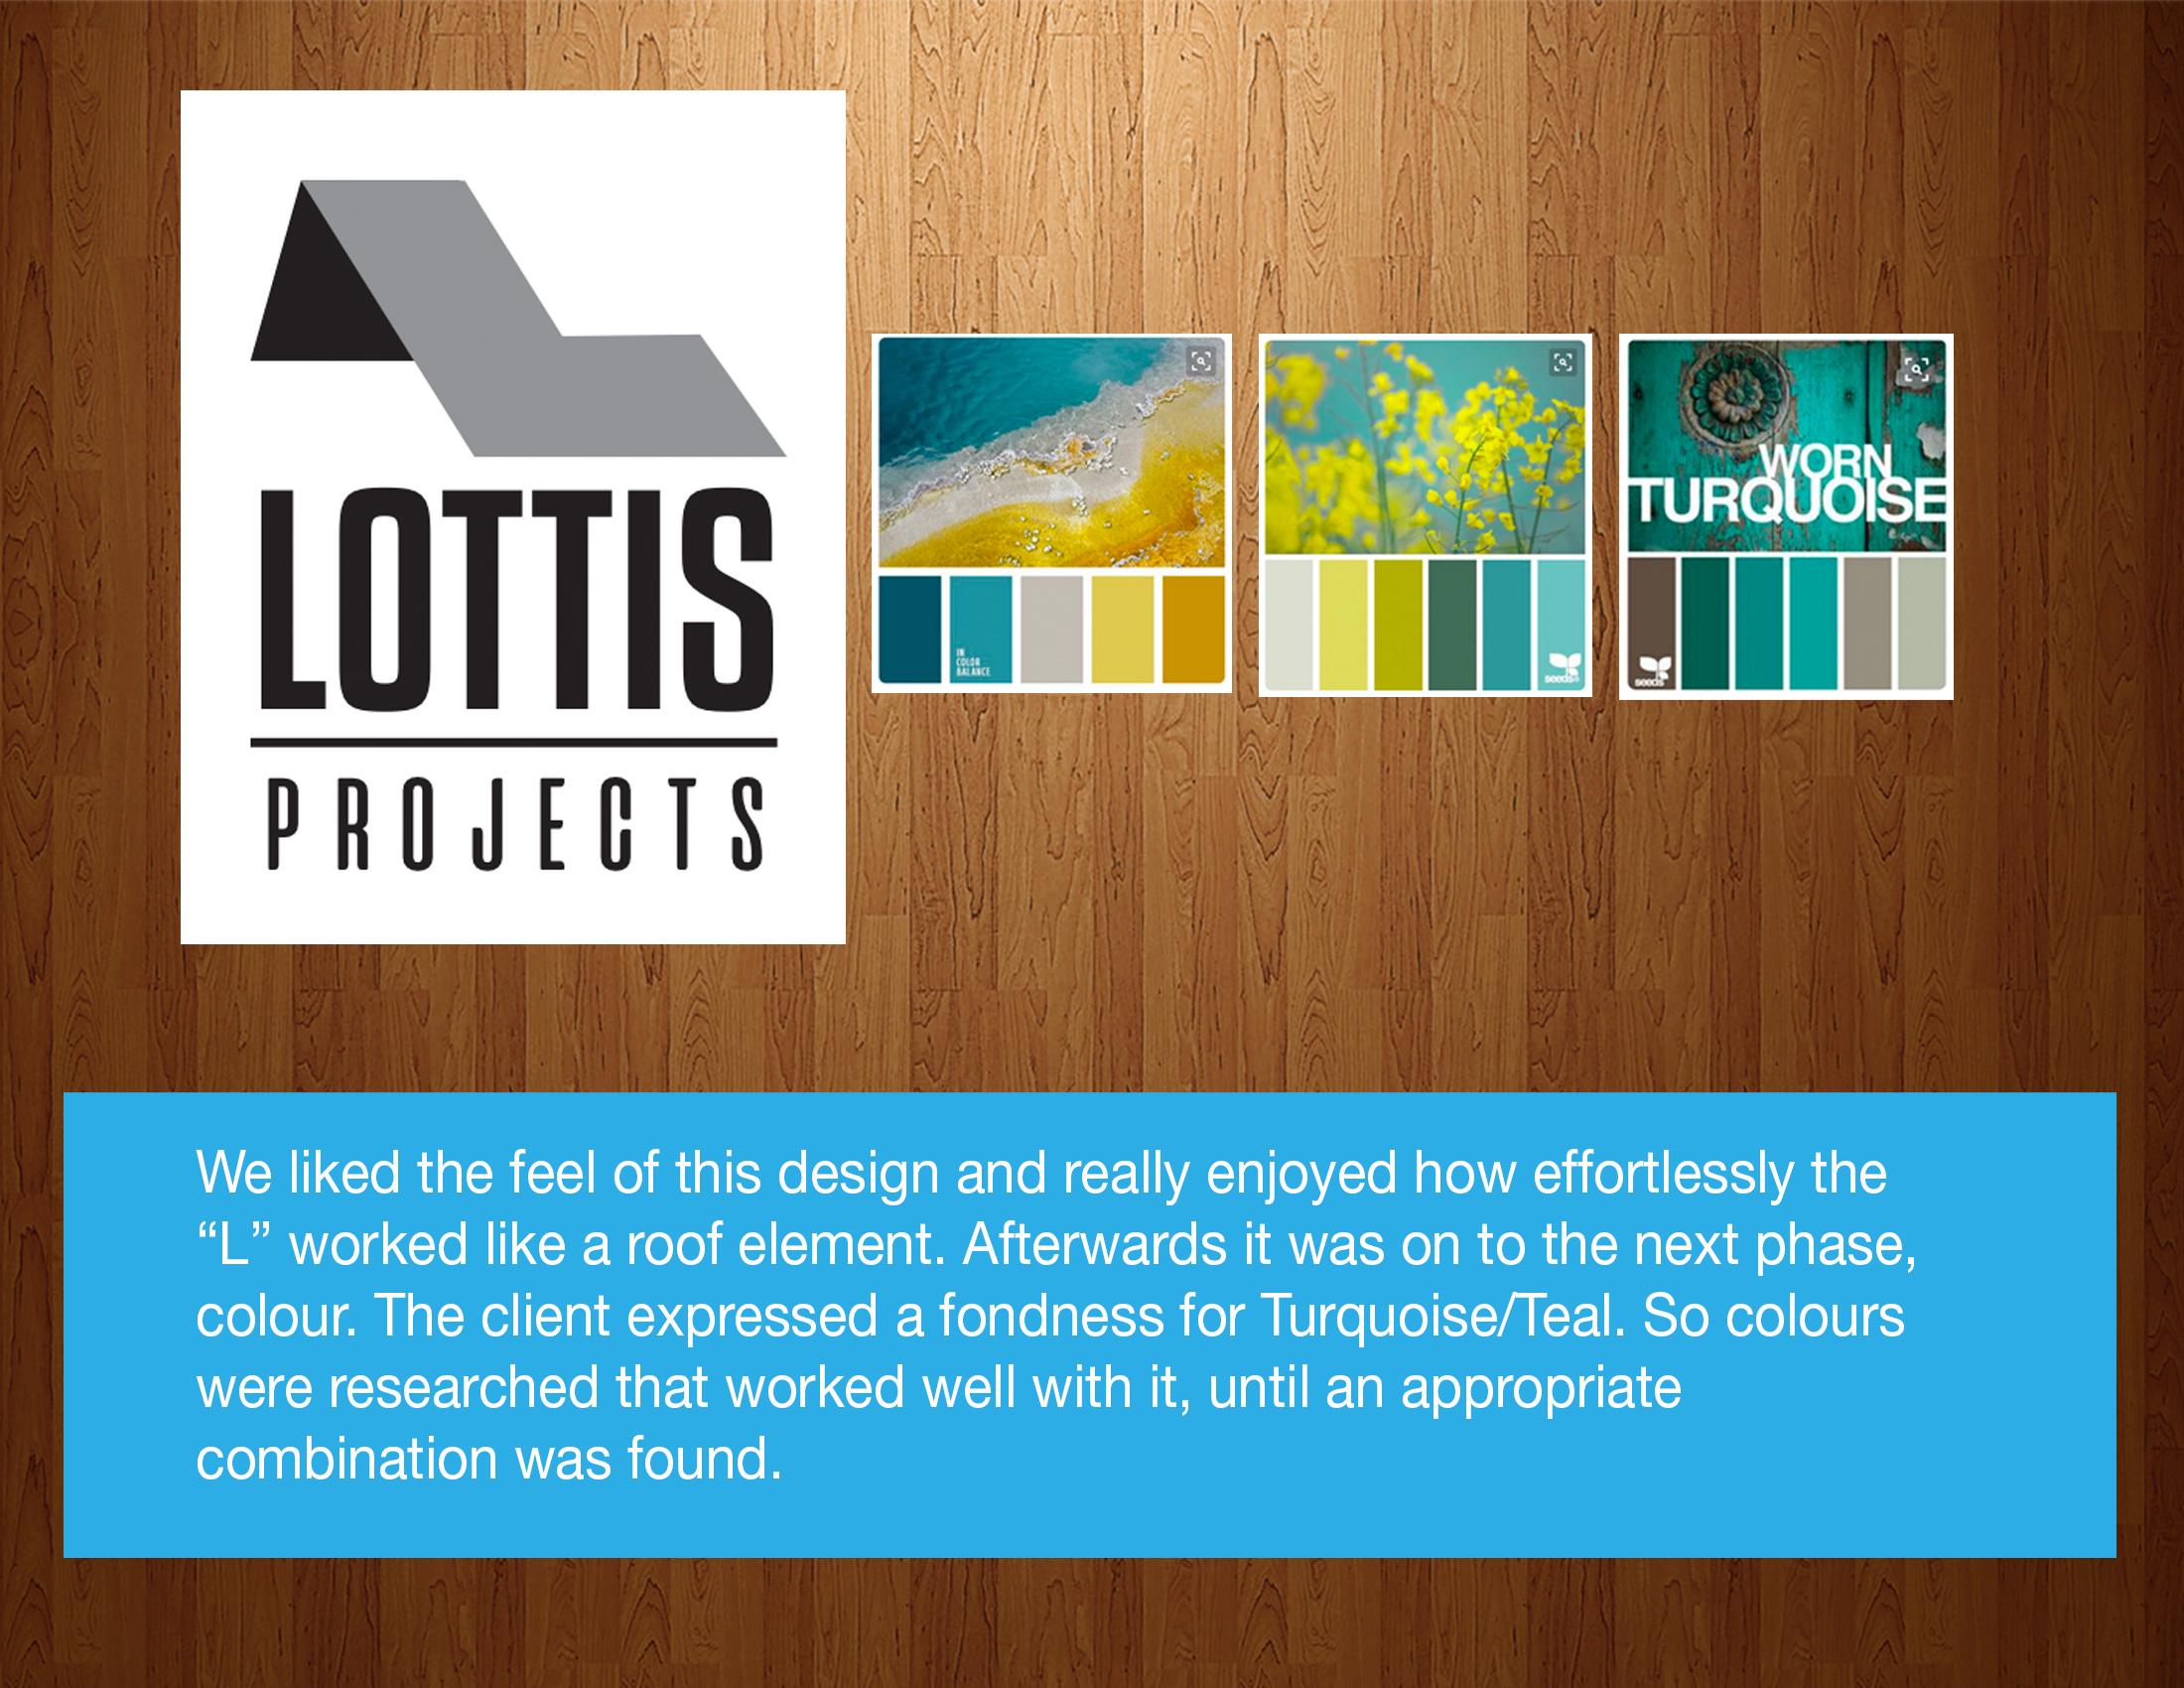 Portfolio-design-Lottis4-2018.jpg